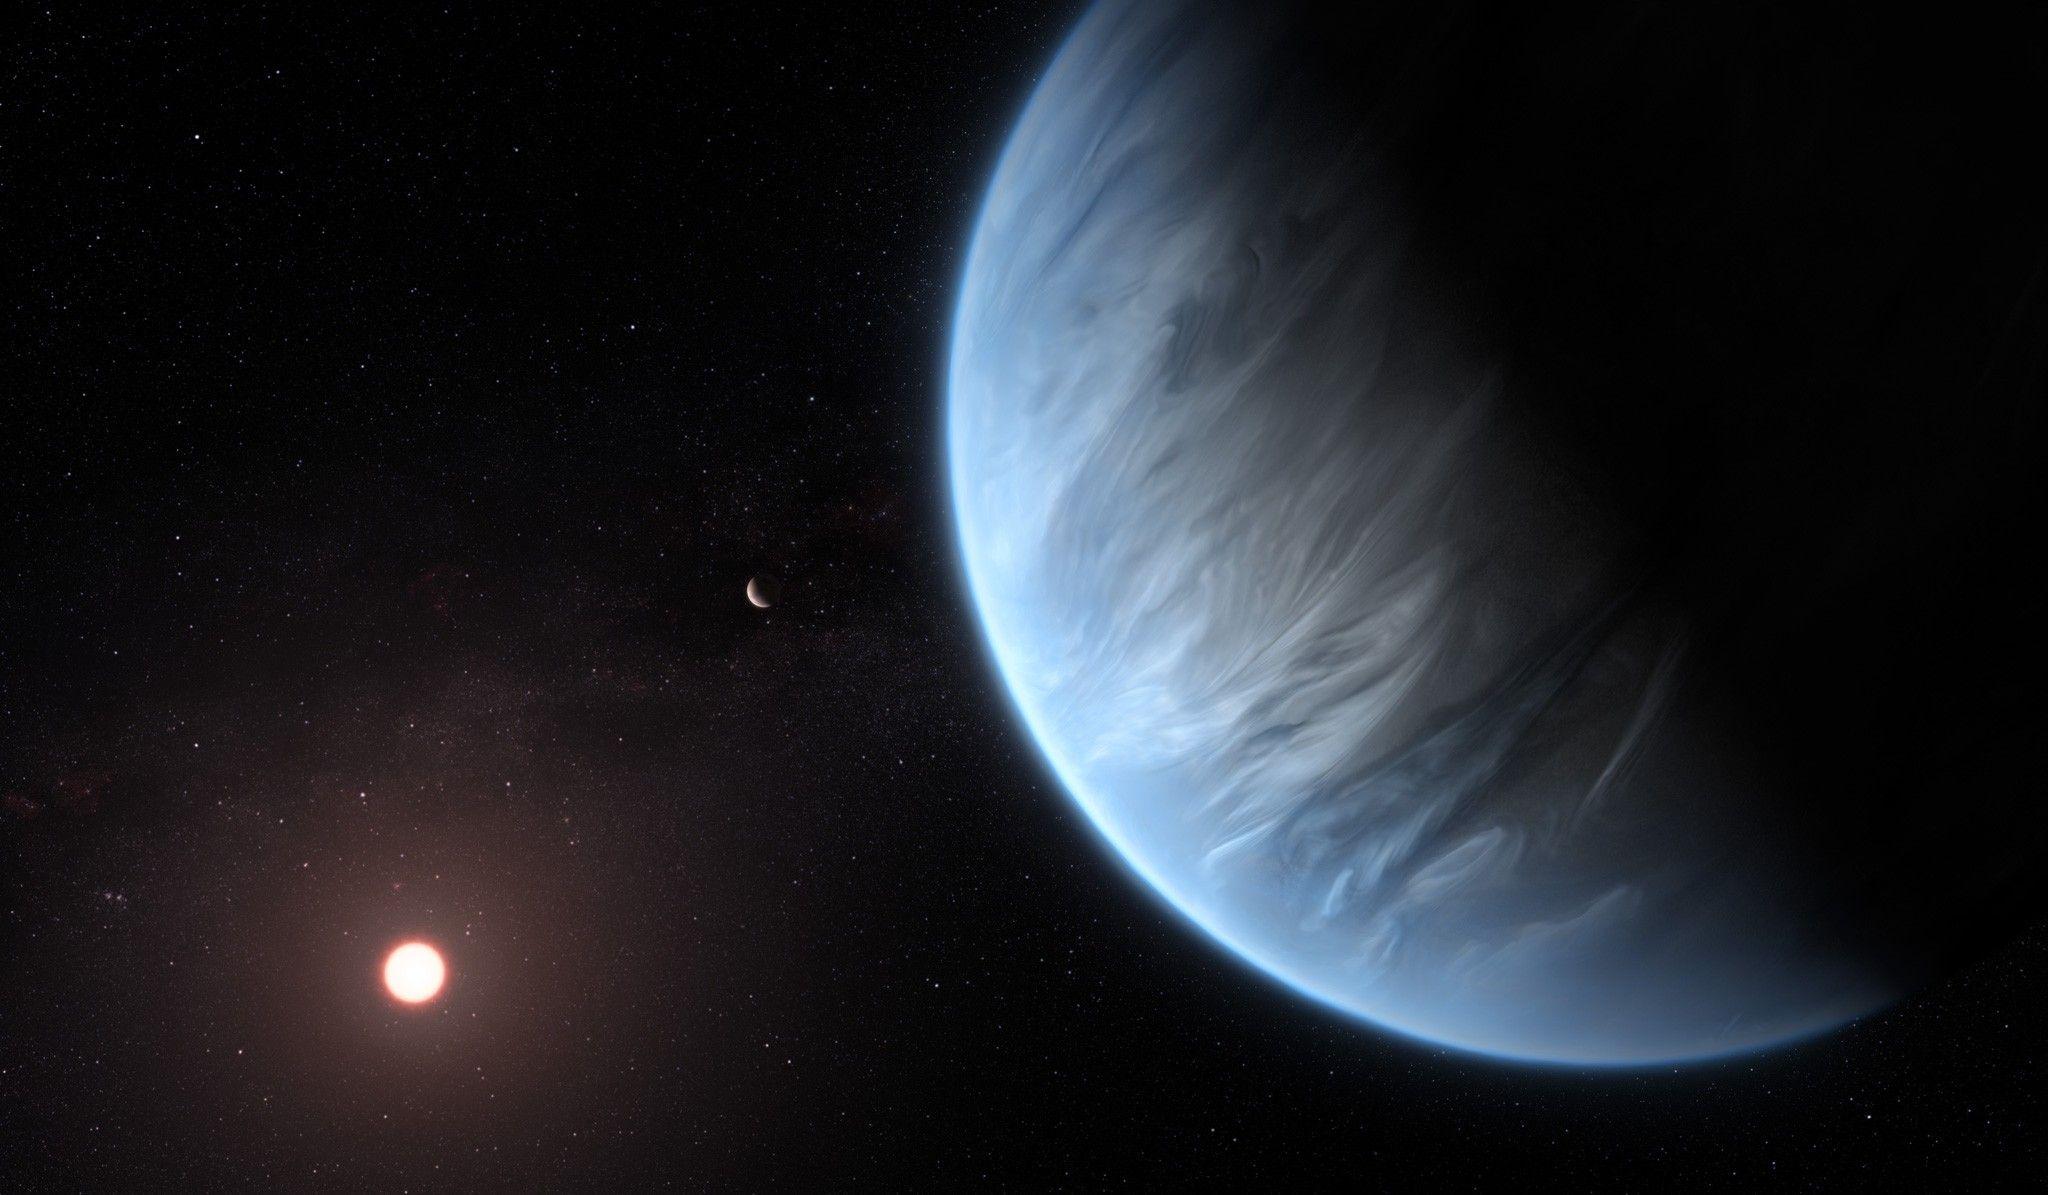 Água encontrada em planeta alienígena com condições para abrigar vida | National Geographic